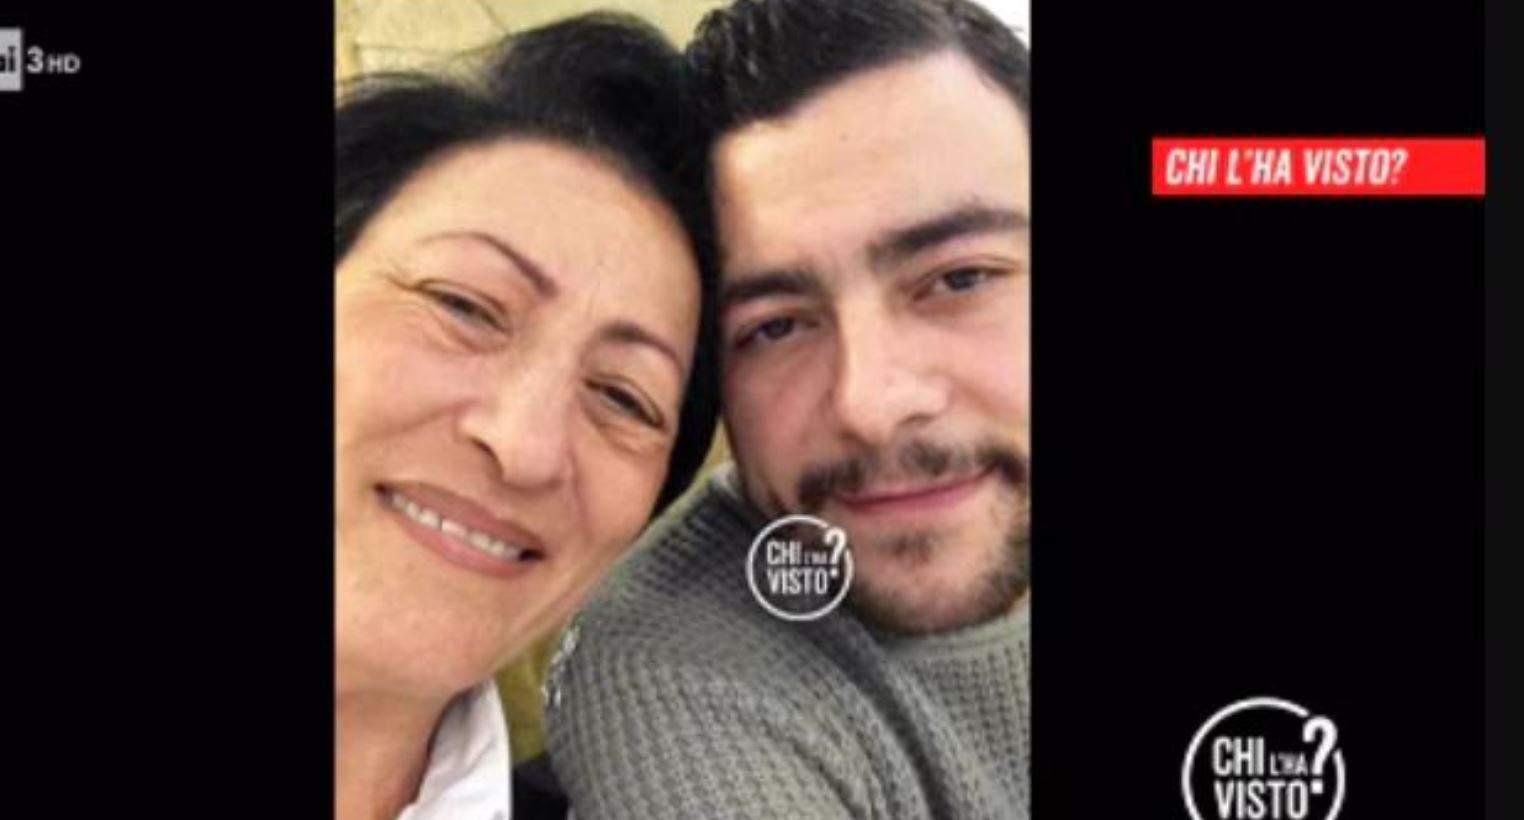 E' stato ritrovato Davide Luongo il giovane chef scomparso a Londra: mamma Antonella torna a sorridere